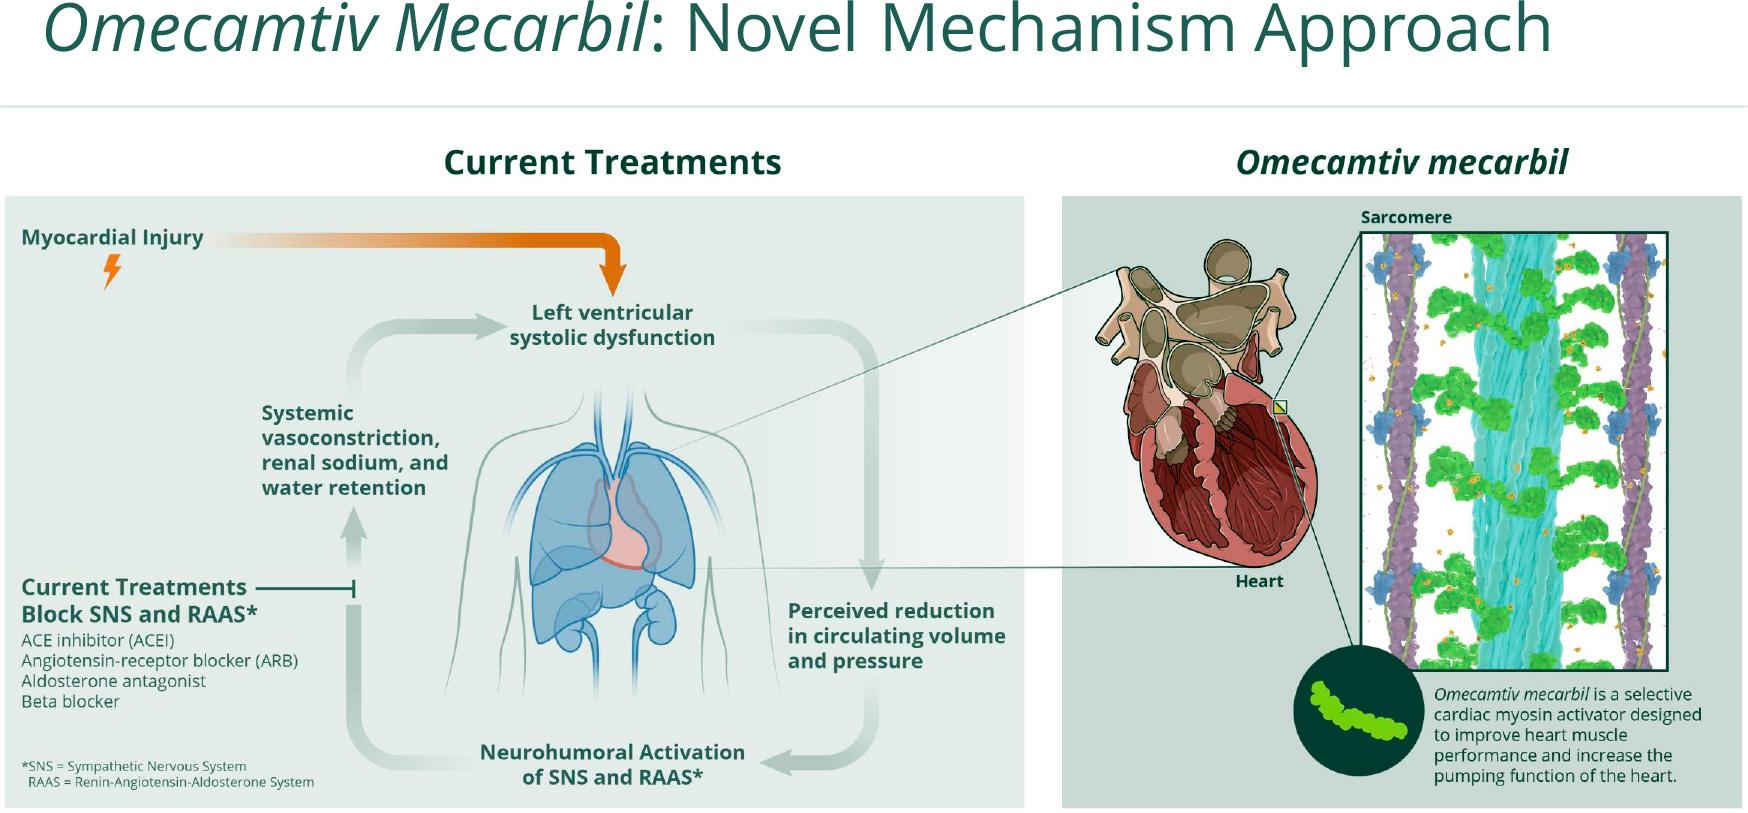 Омекамтив мекарбил: новое лекарство против сердечной недостаточности